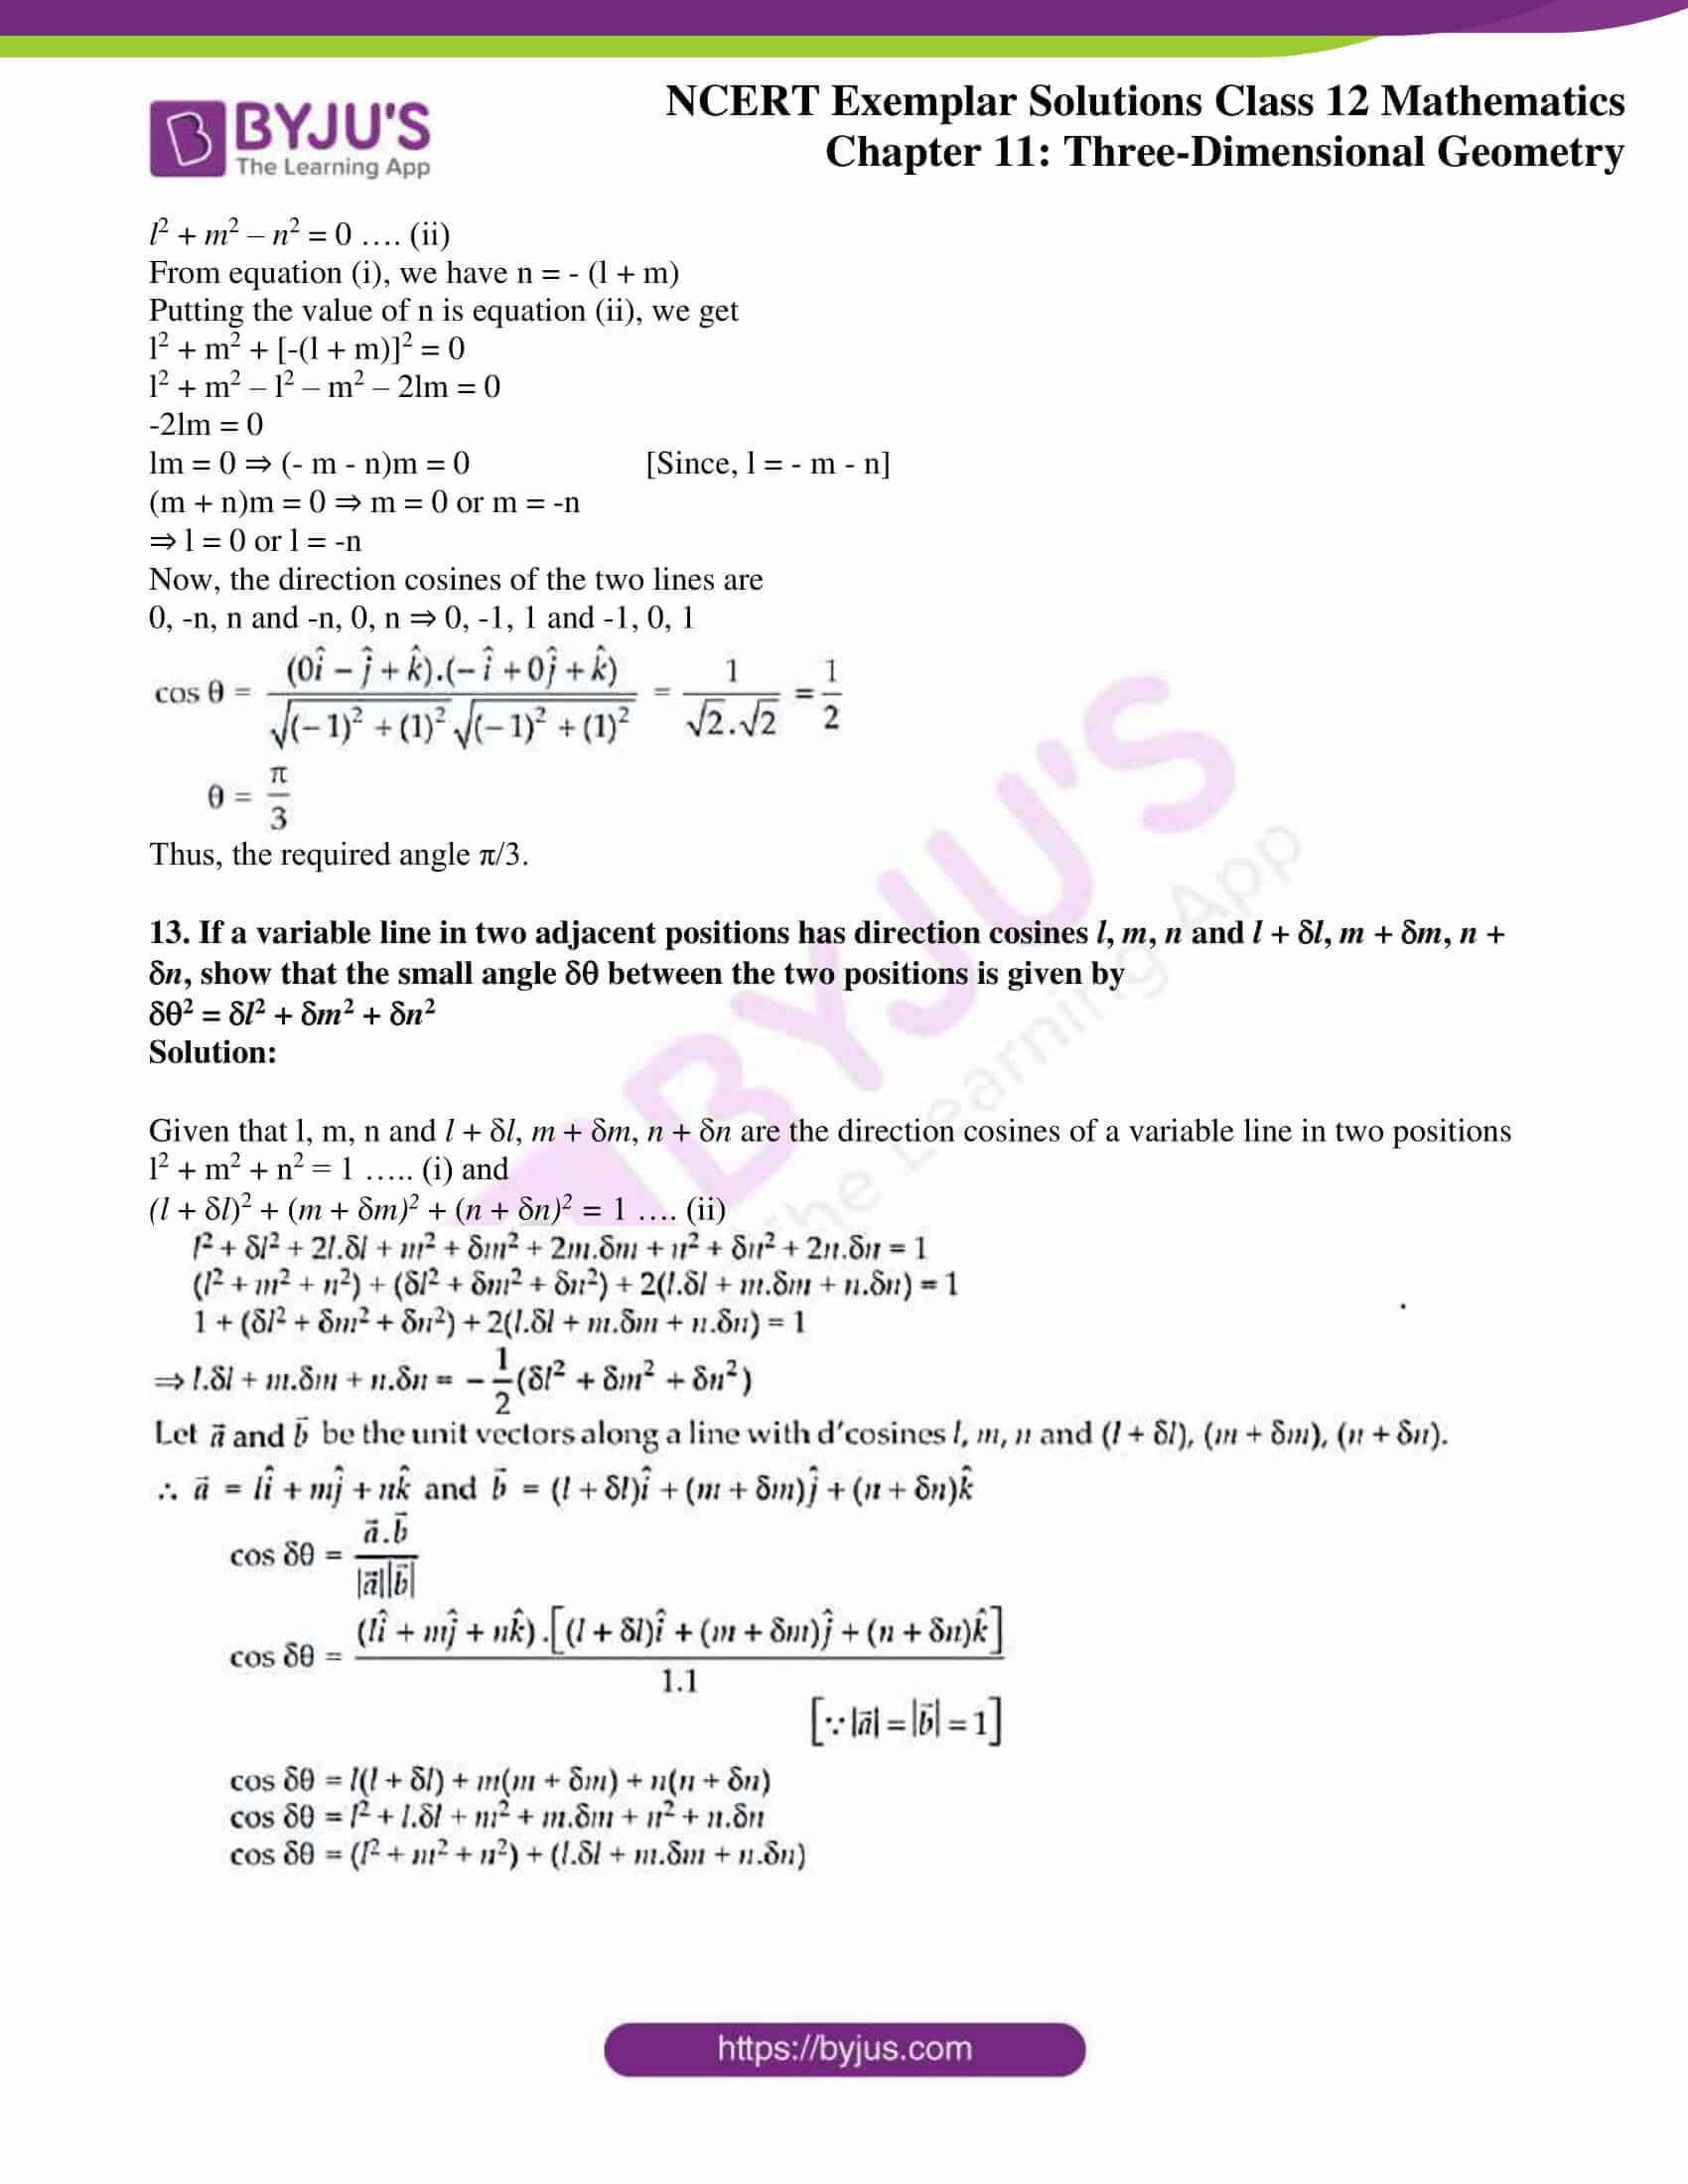 ncert exemplar sol class 12 mathematics ch 11 07